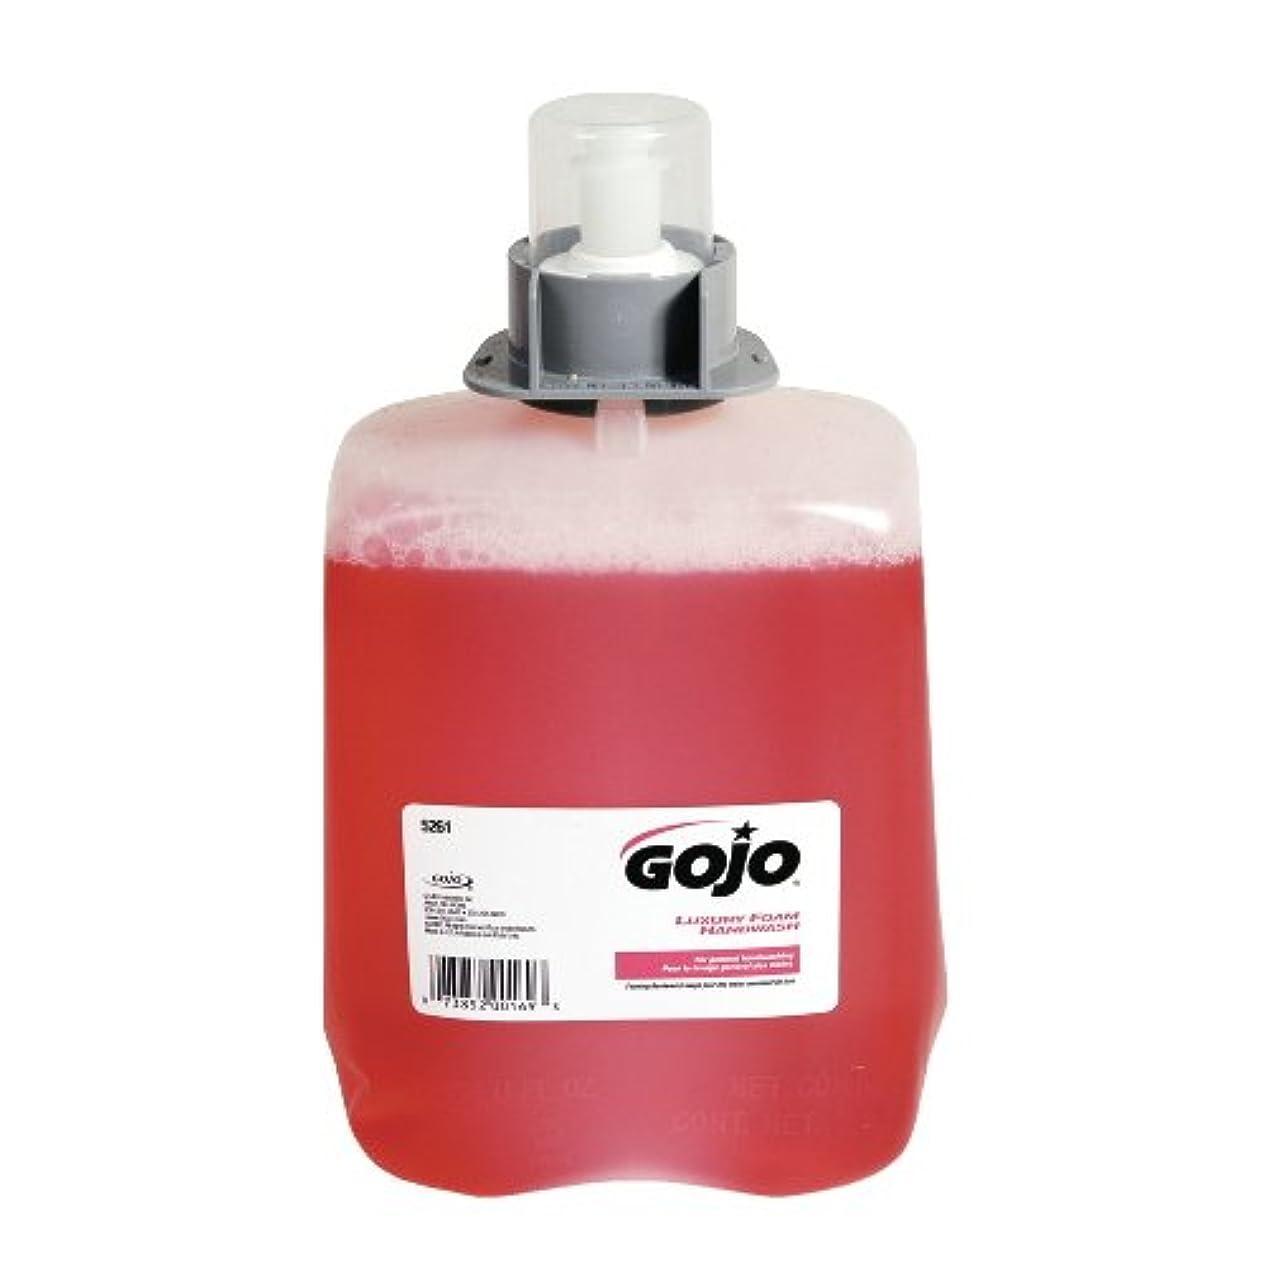 受信プロジェクター腫瘍GOJ526102 - Gojo Luxury Foam Hand Wash Refill for FMX-20 Dispenser by Gojo